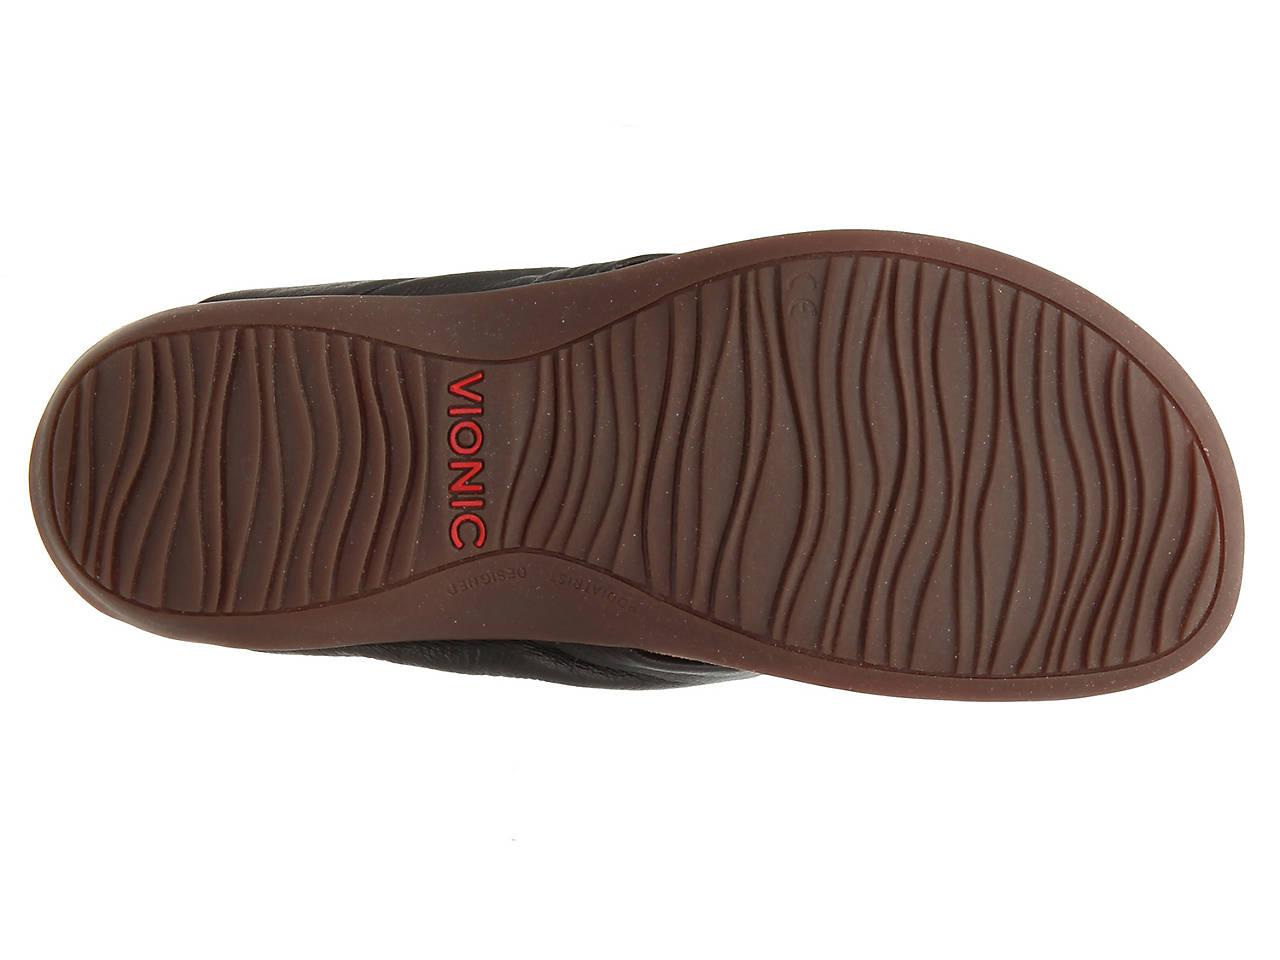 a3a60d50de10 Vionic Pippa Sandal Women s Shoes